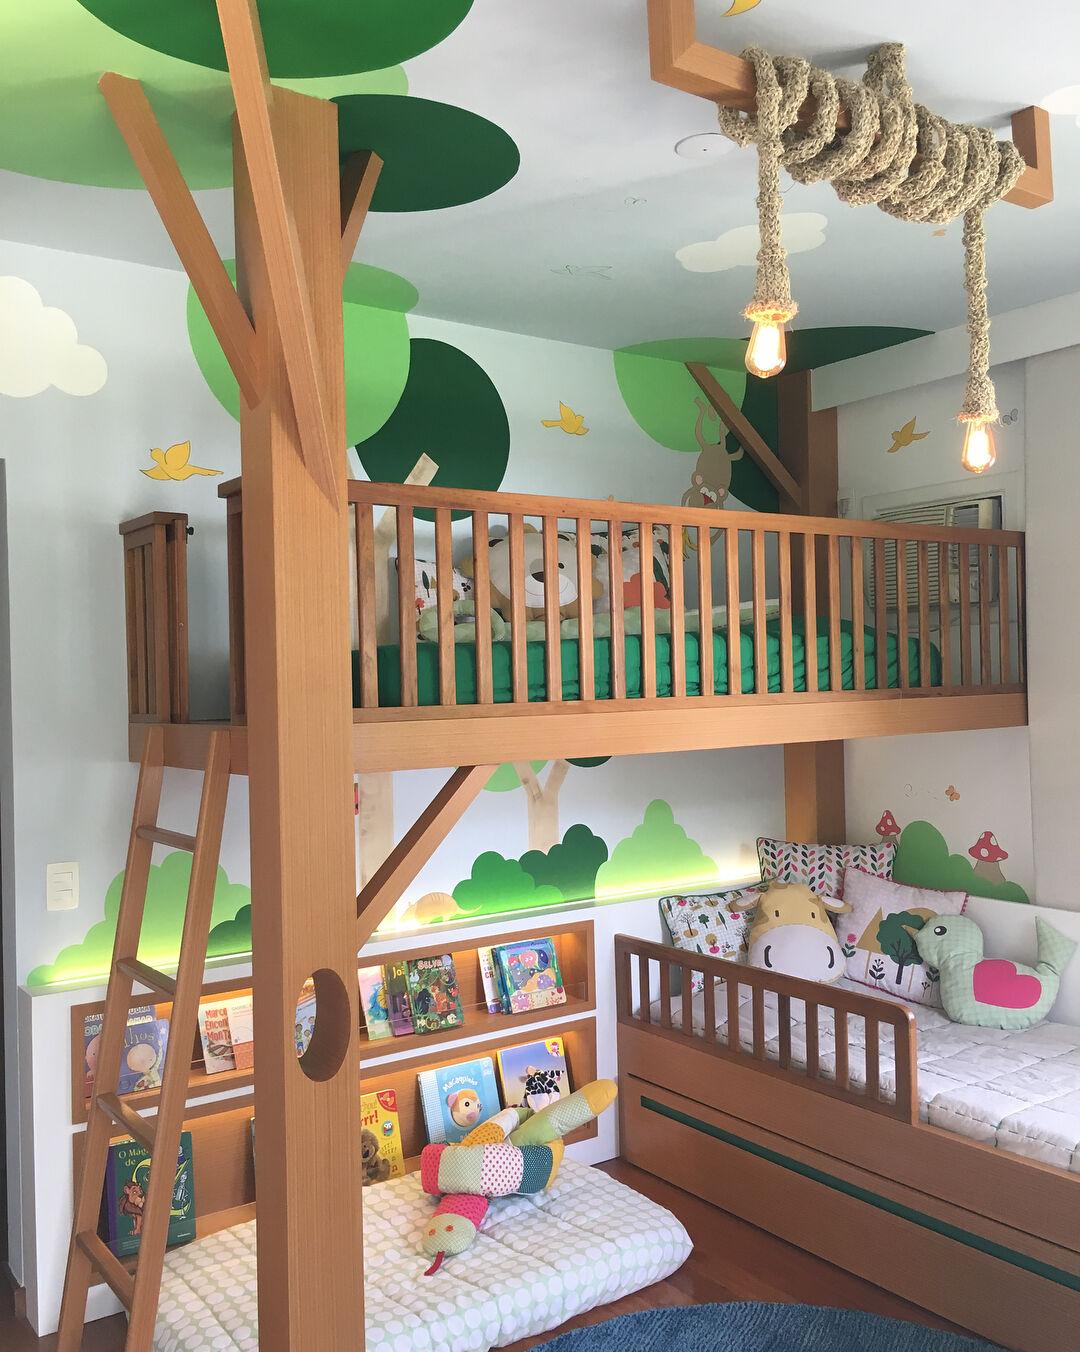 Quarto infantil colorido, com temática de natureza, com duas camas feitas de madeira